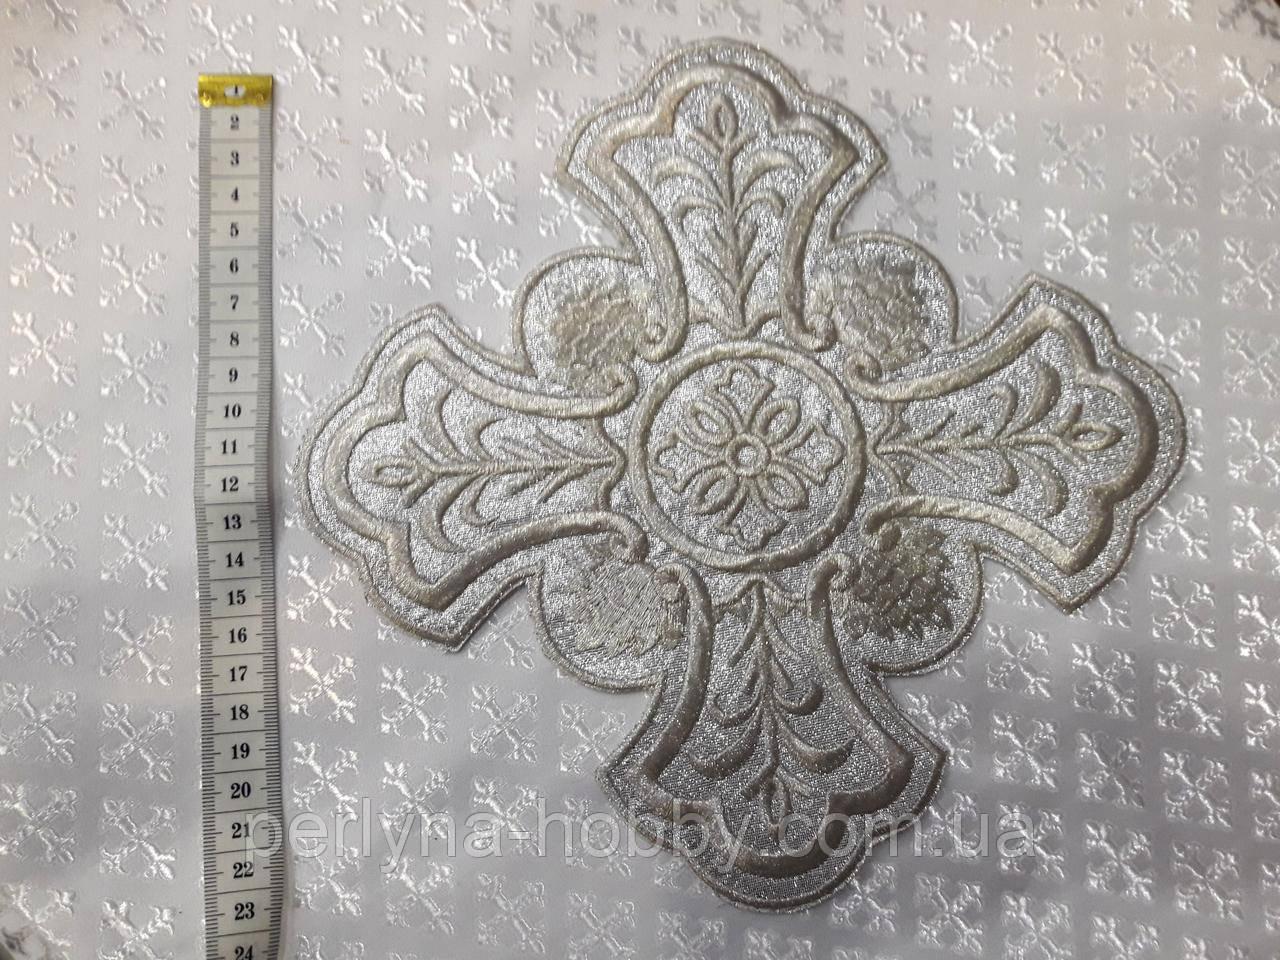 Крест для облачений большой Хрест для церковного одягу великий  24 на 24 см на срібній парчі сріблом